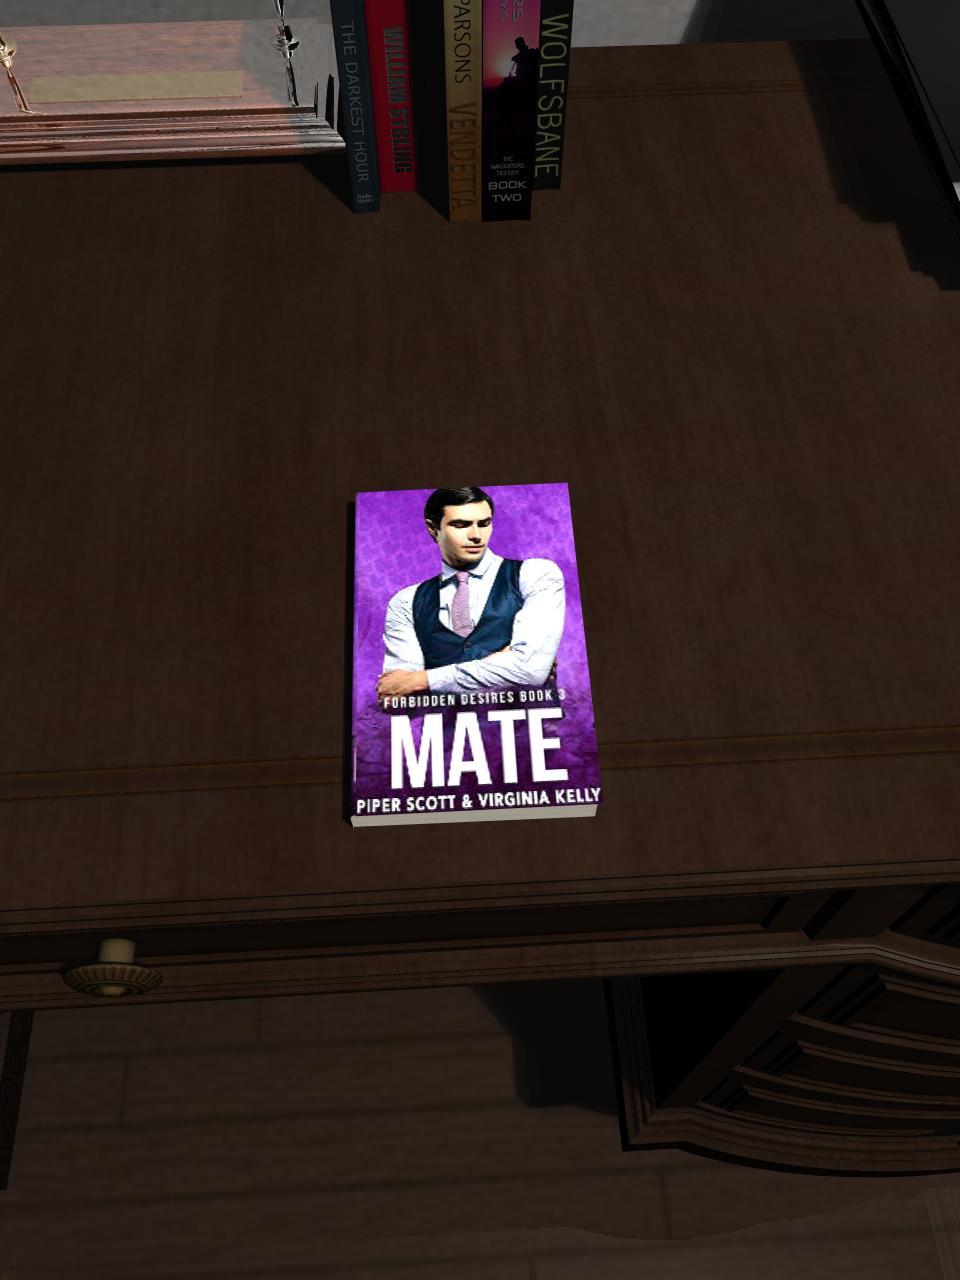 Mate (Forbidden Desires Book3)